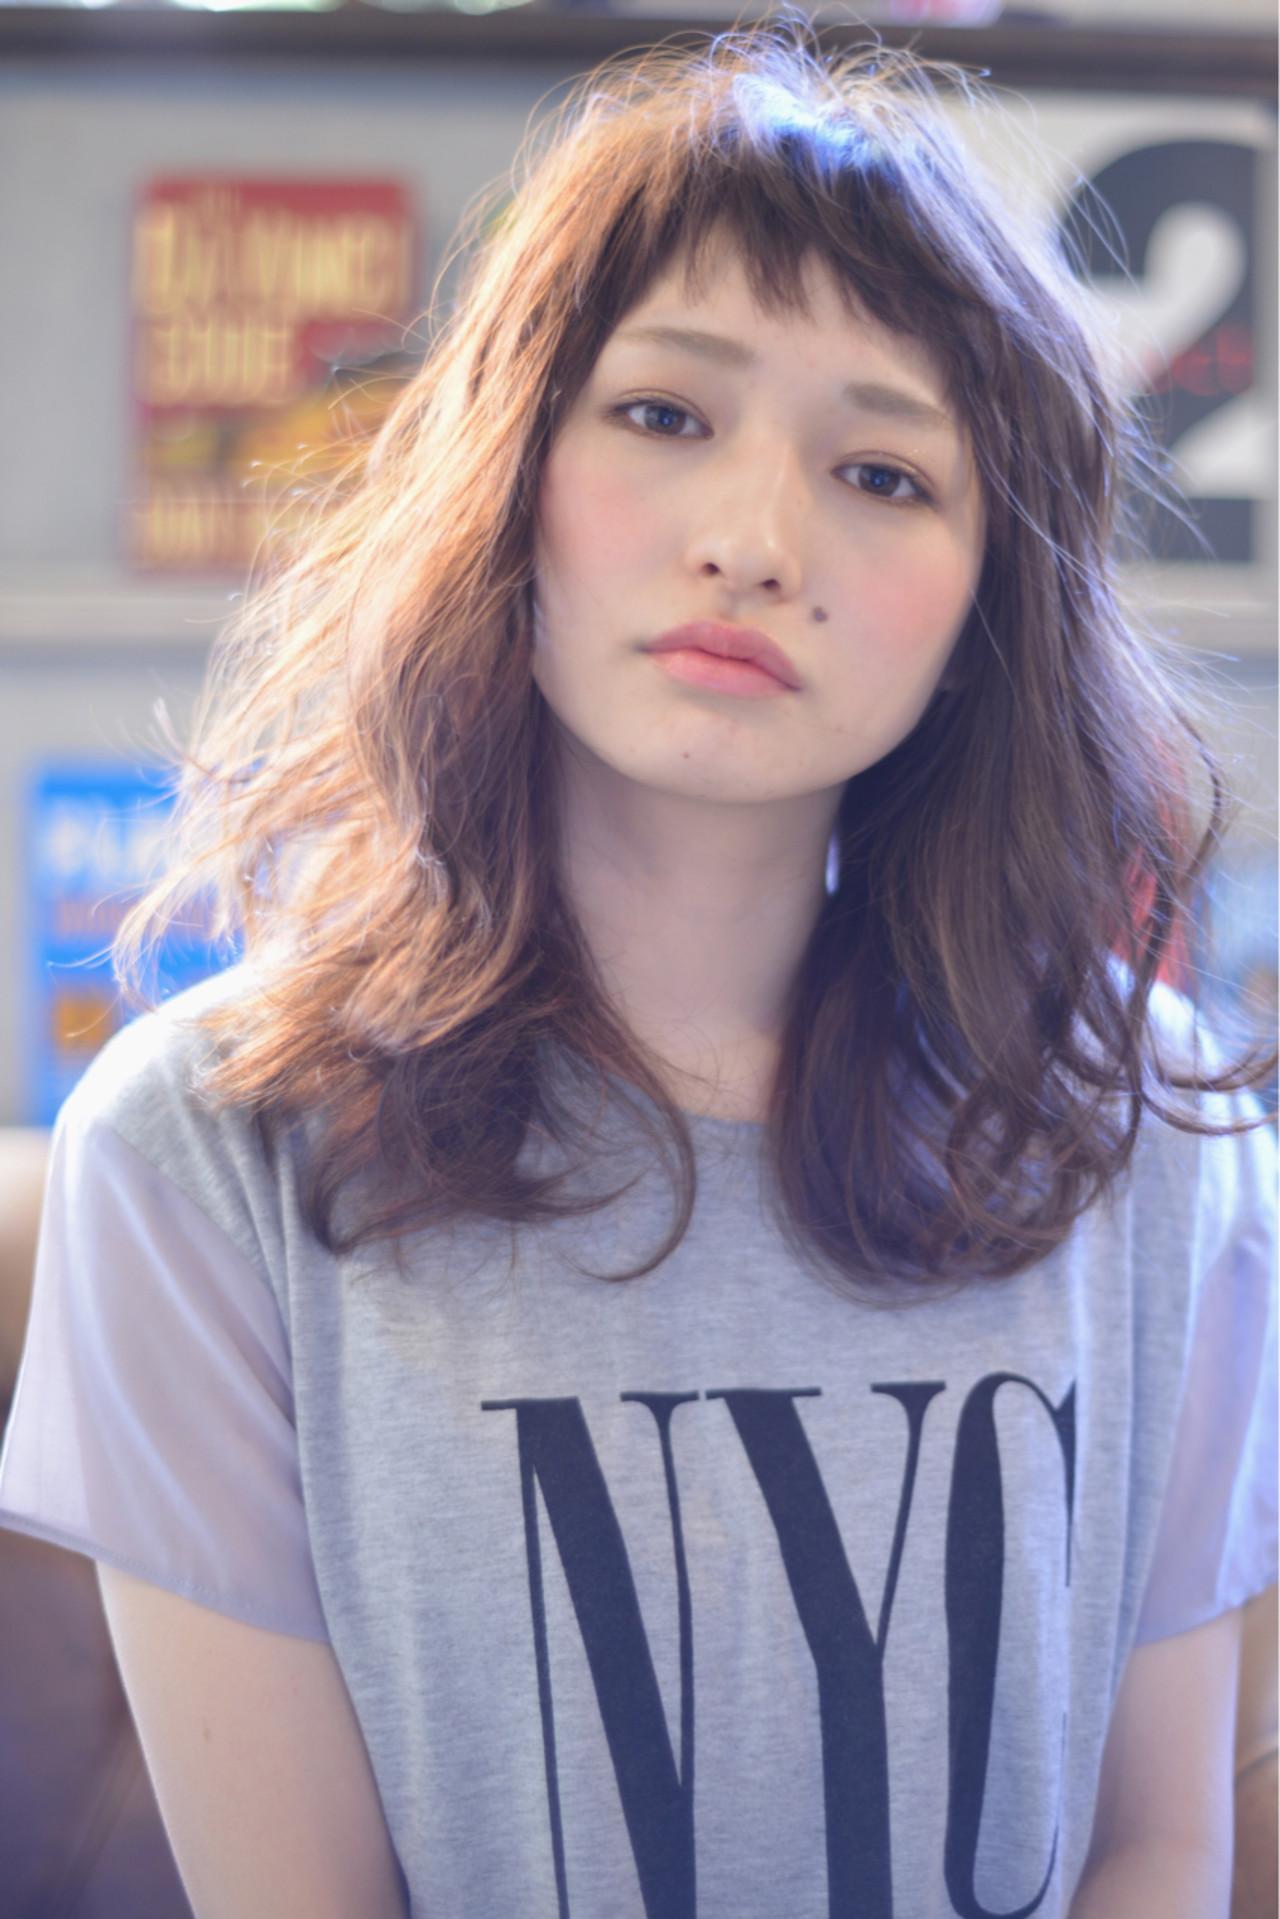 ミディアム 斜め前髪 グレージュ ゆるふわ ヘアスタイルや髪型の写真・画像